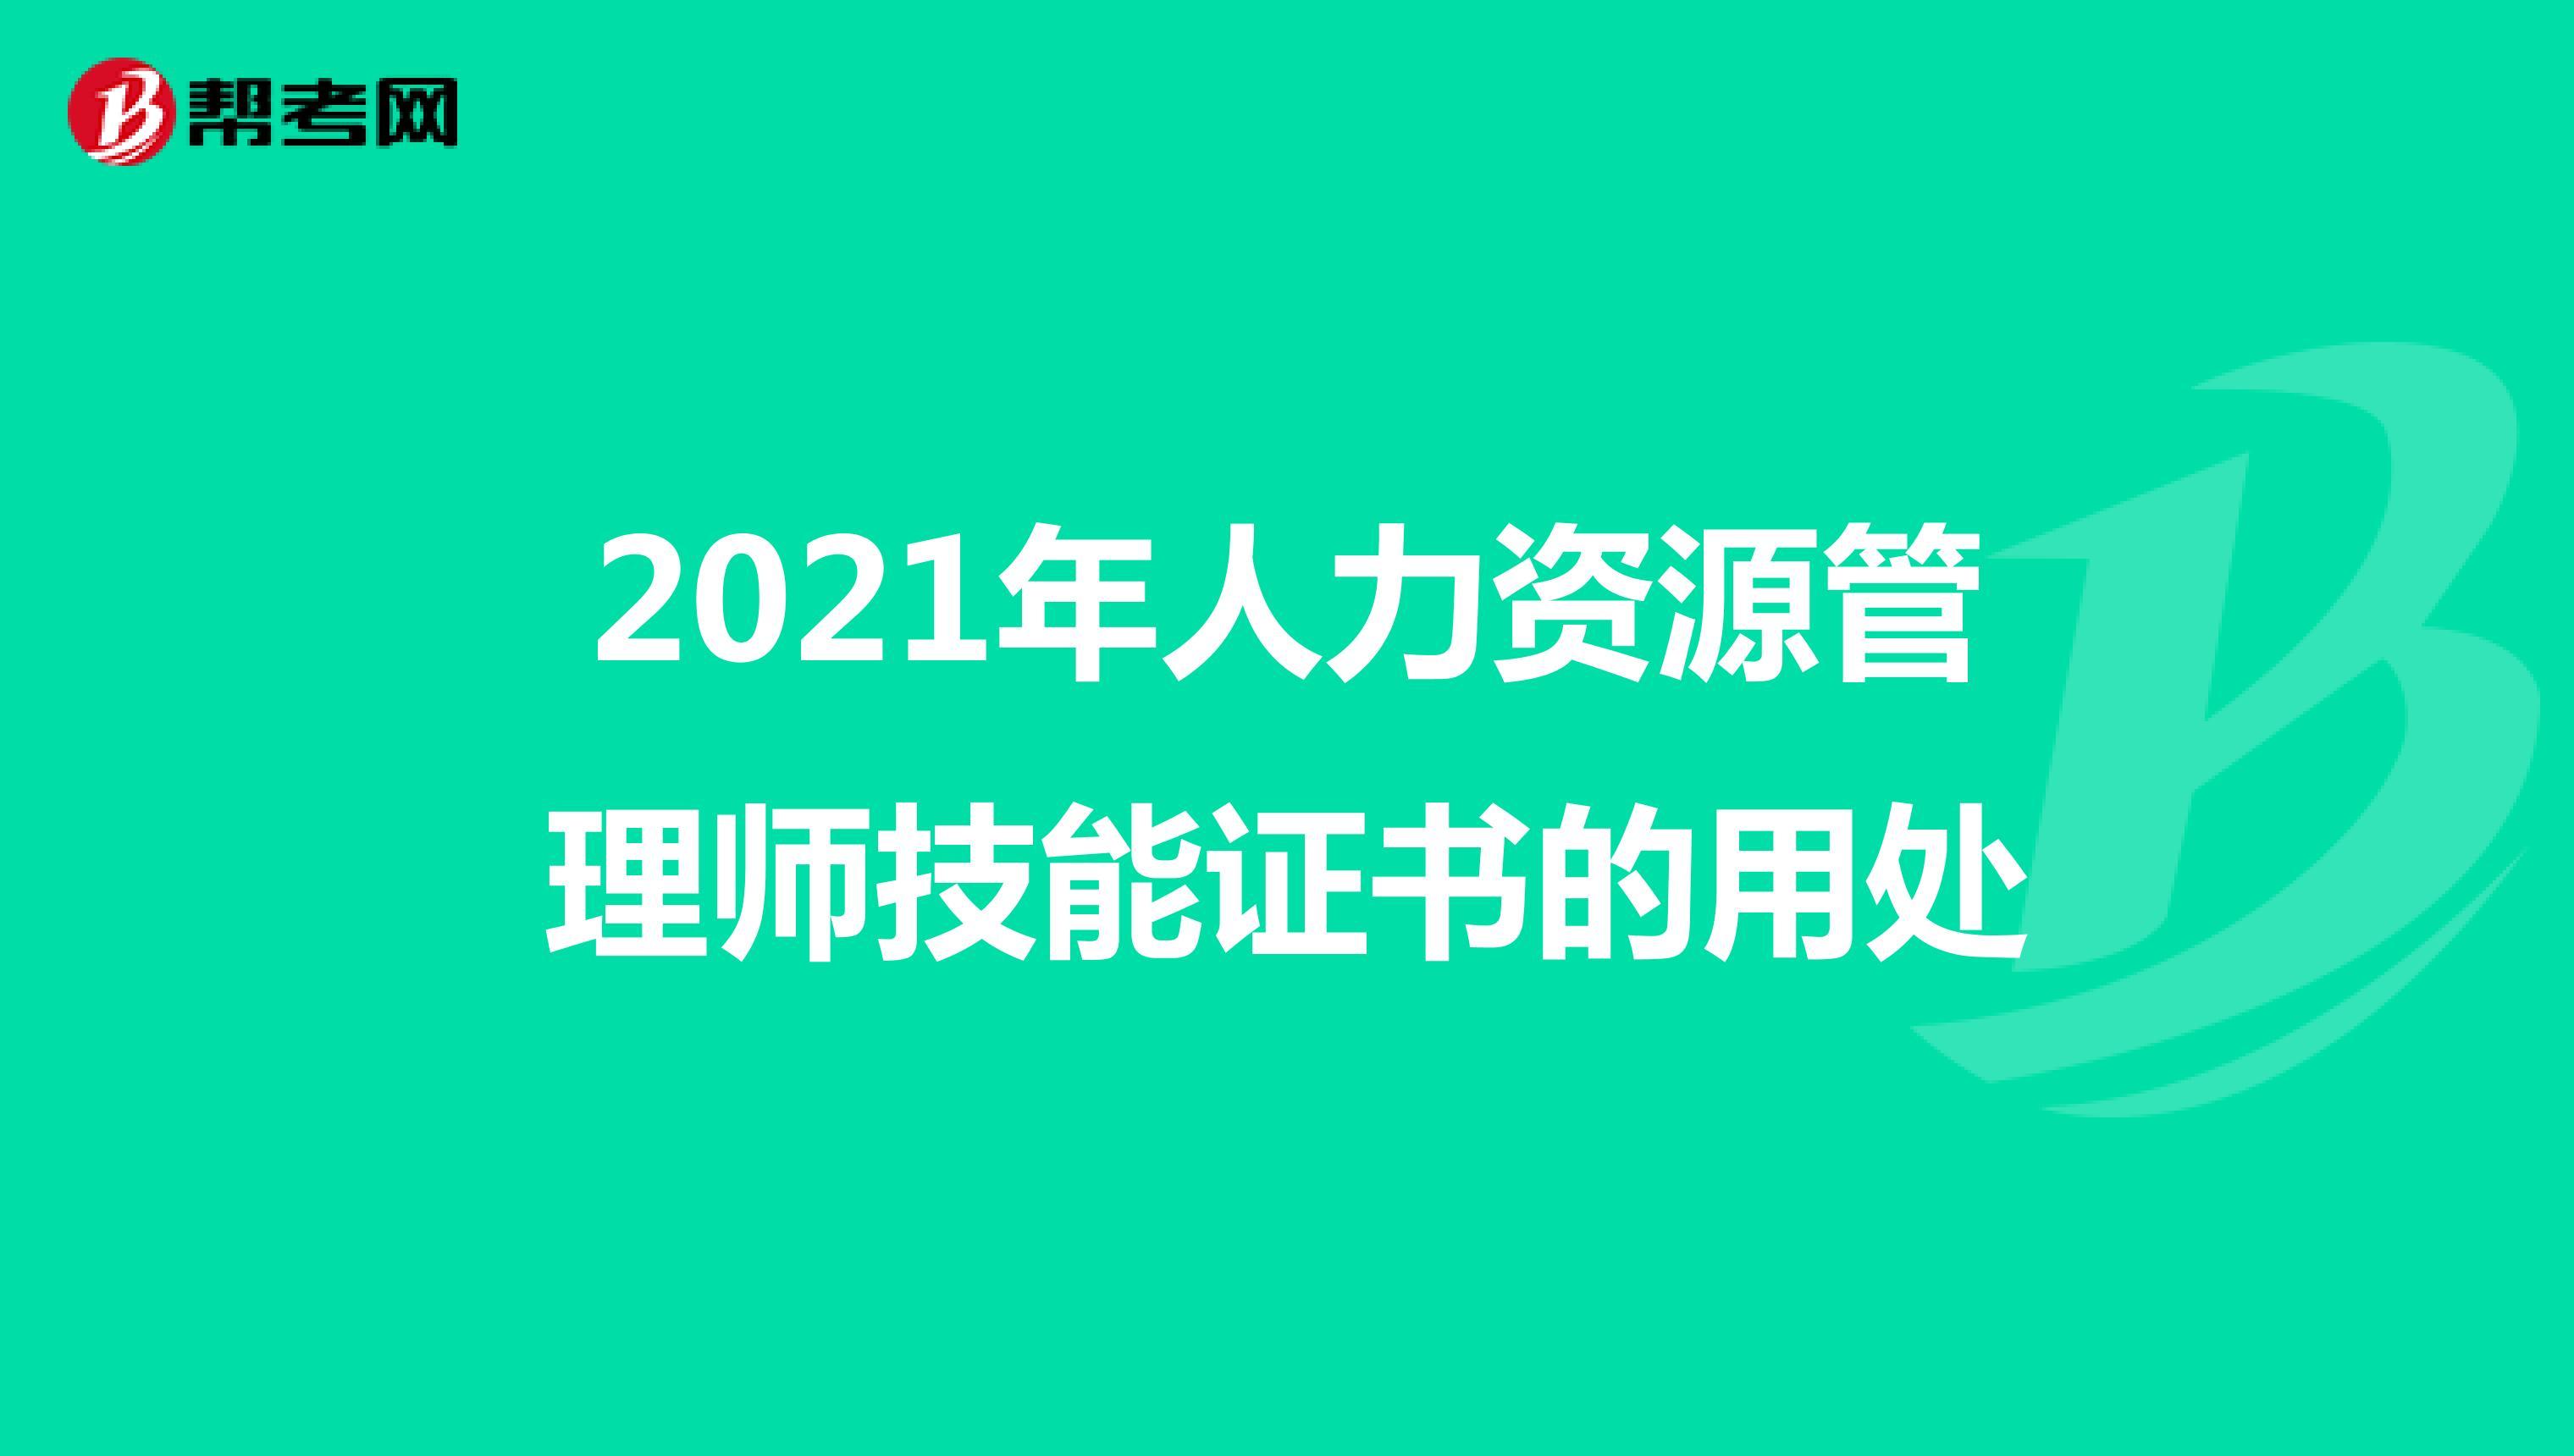 2021年人力资源管理师技能证书的用处